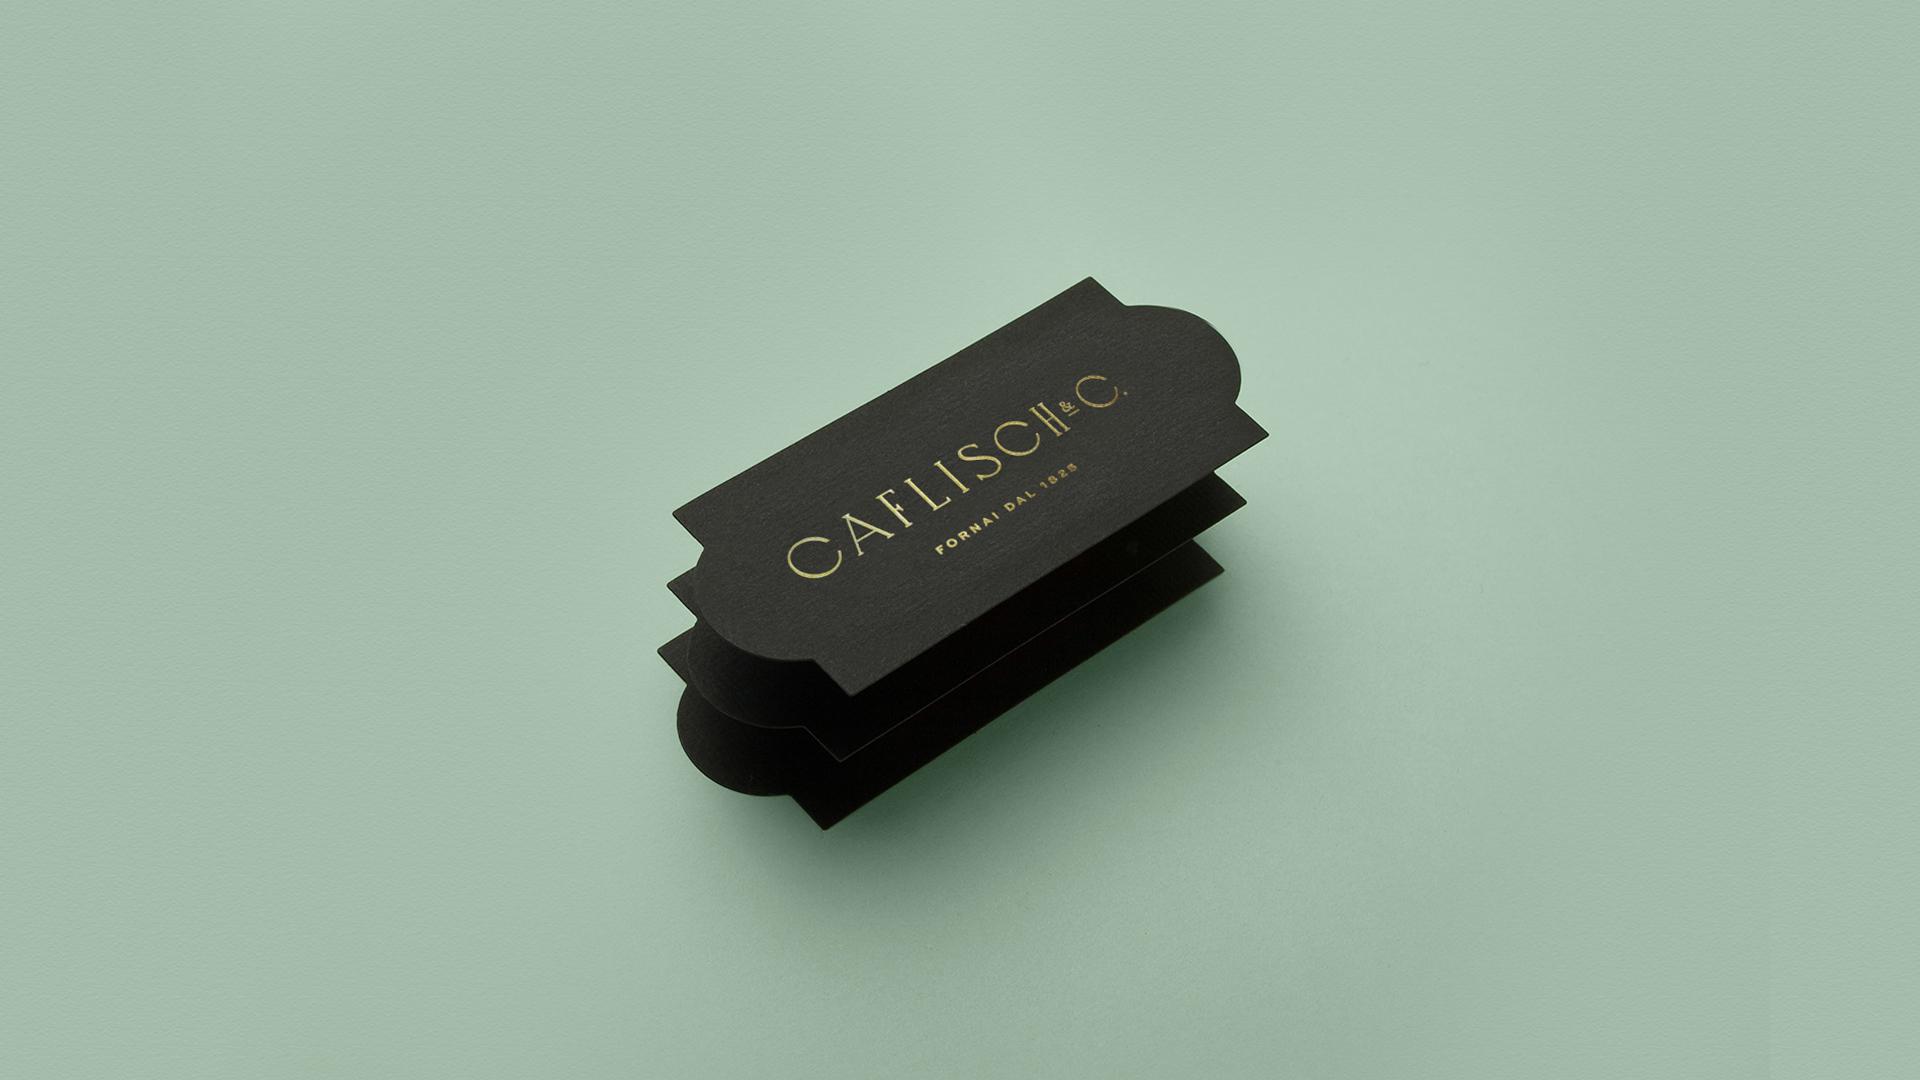 Caflisch & Co